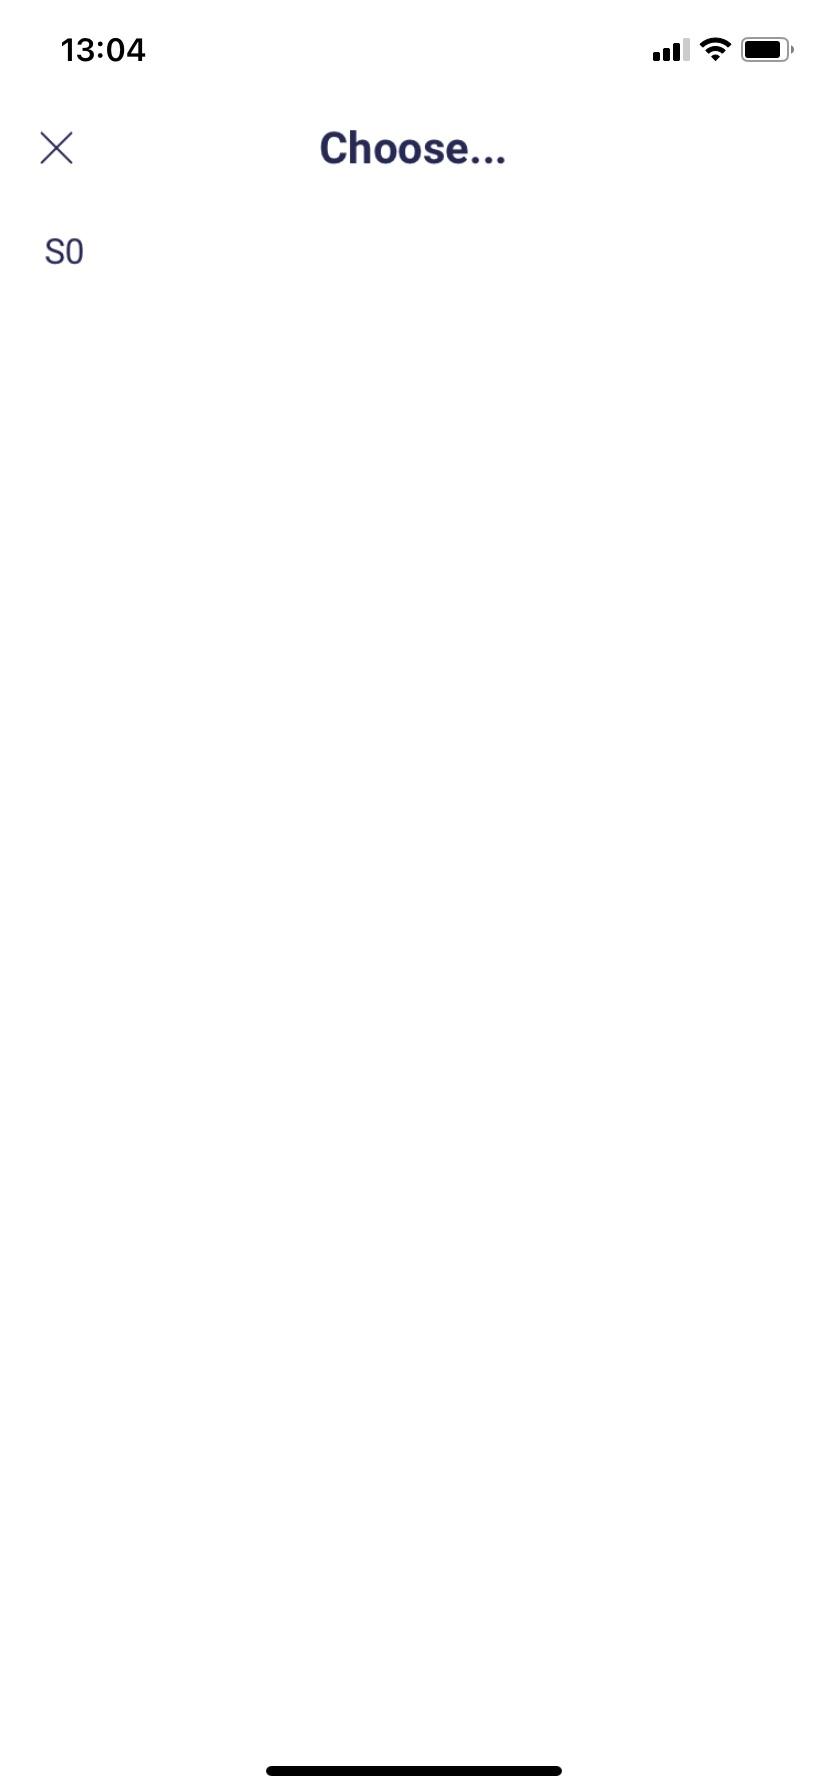 Istantanea schermo 2021-08-18 (13 04 03)